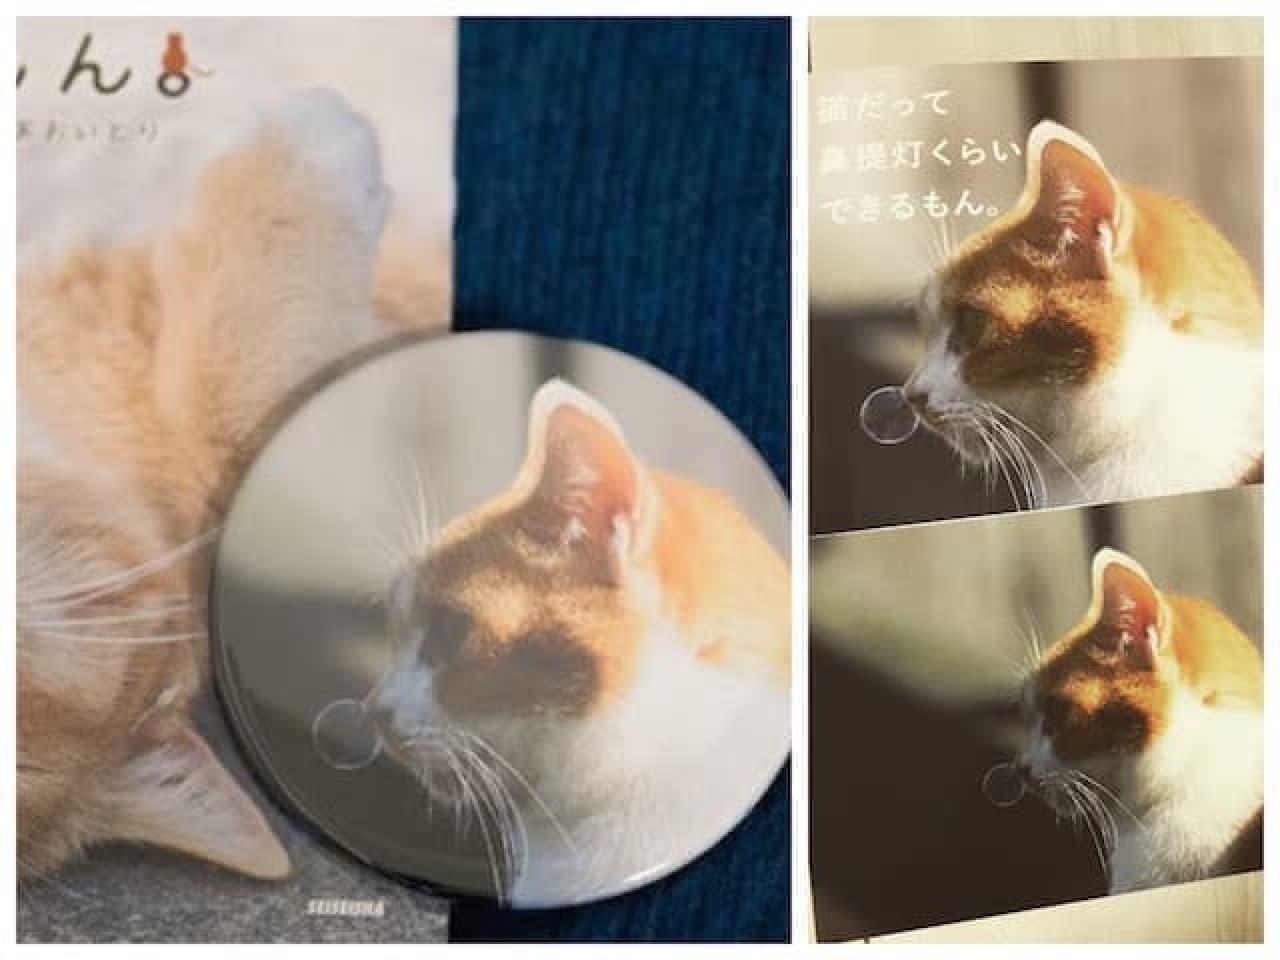 あおいとりさんによる写真展「にゃんぽとれ ~猫たちのポートレート~」